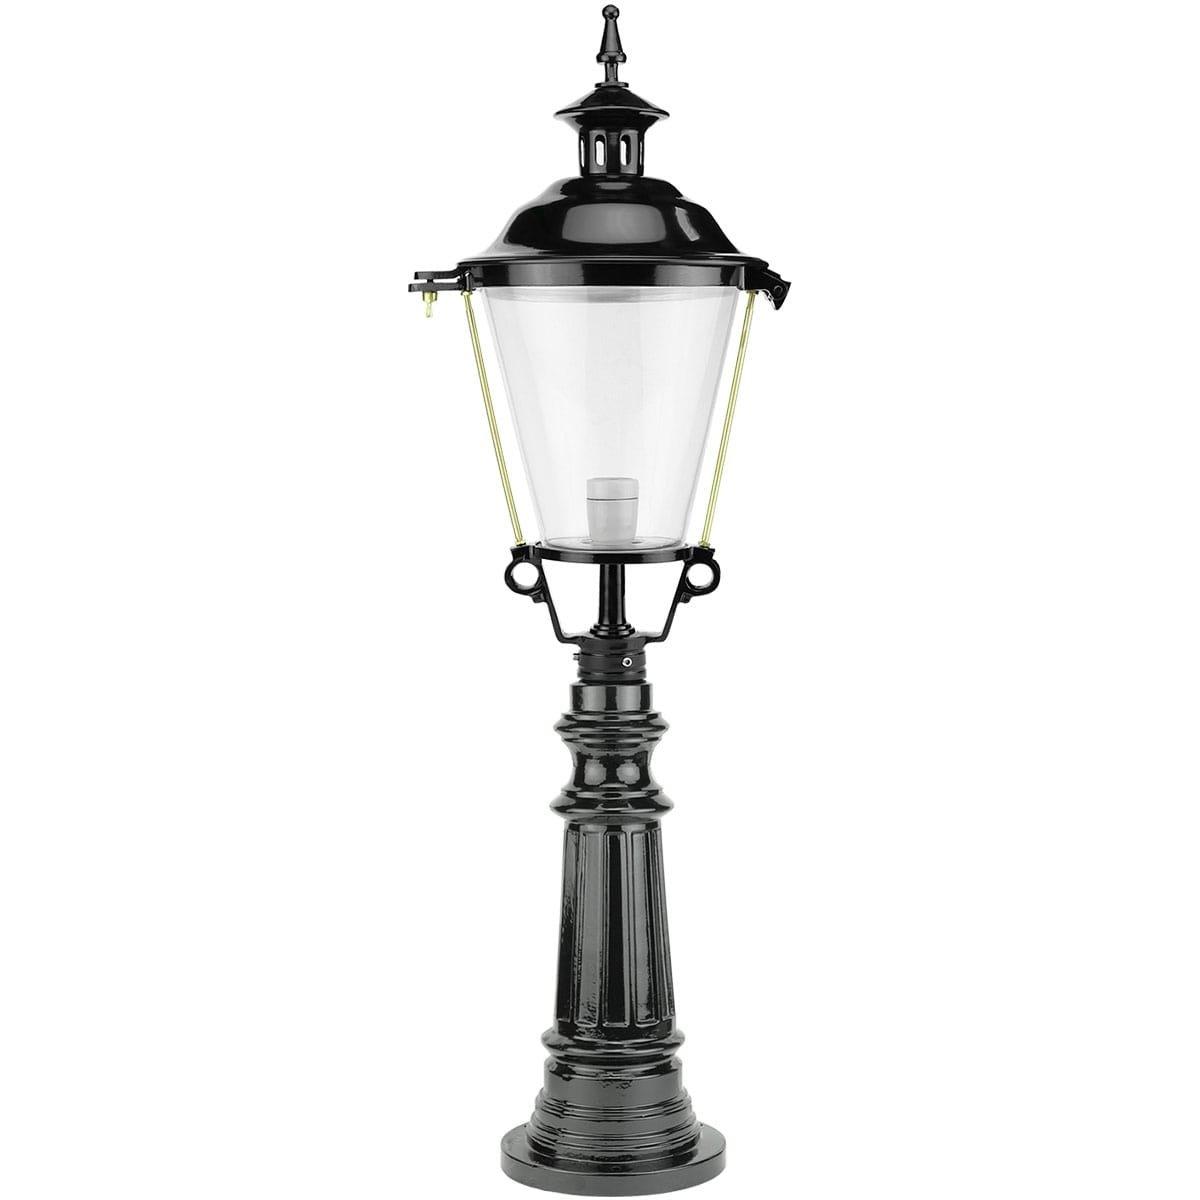 Buitenverlichting Klassiek Landelijk Sokkellamp buiten Maarssen - 105 cm